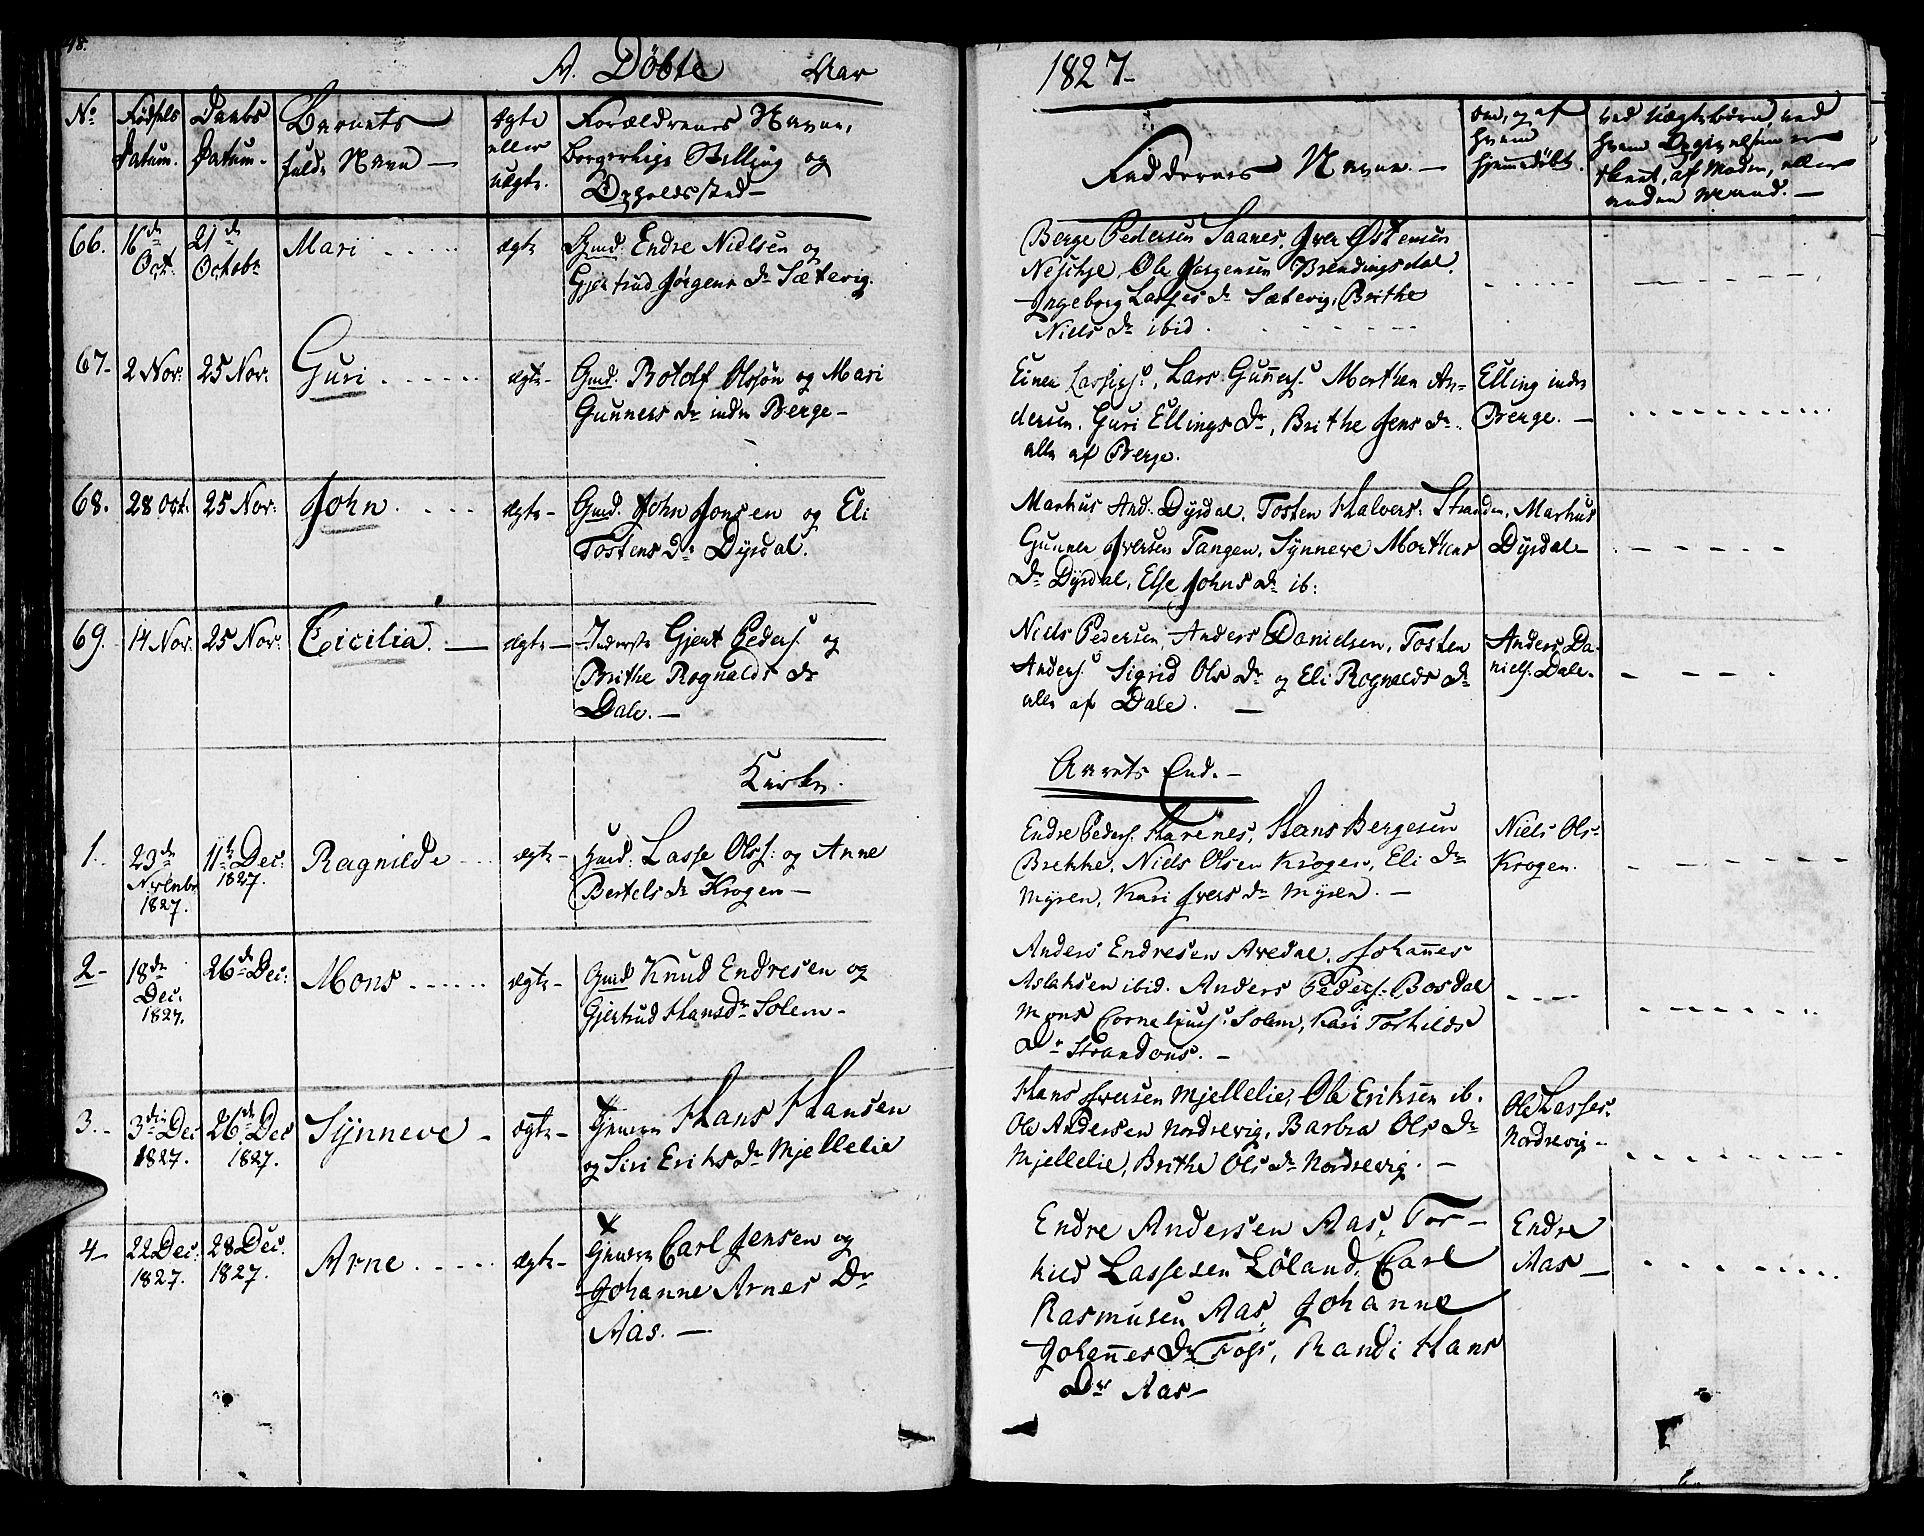 SAB, Lavik sokneprestembete, Ministerialbok nr. A 2I, 1821-1842, s. 48